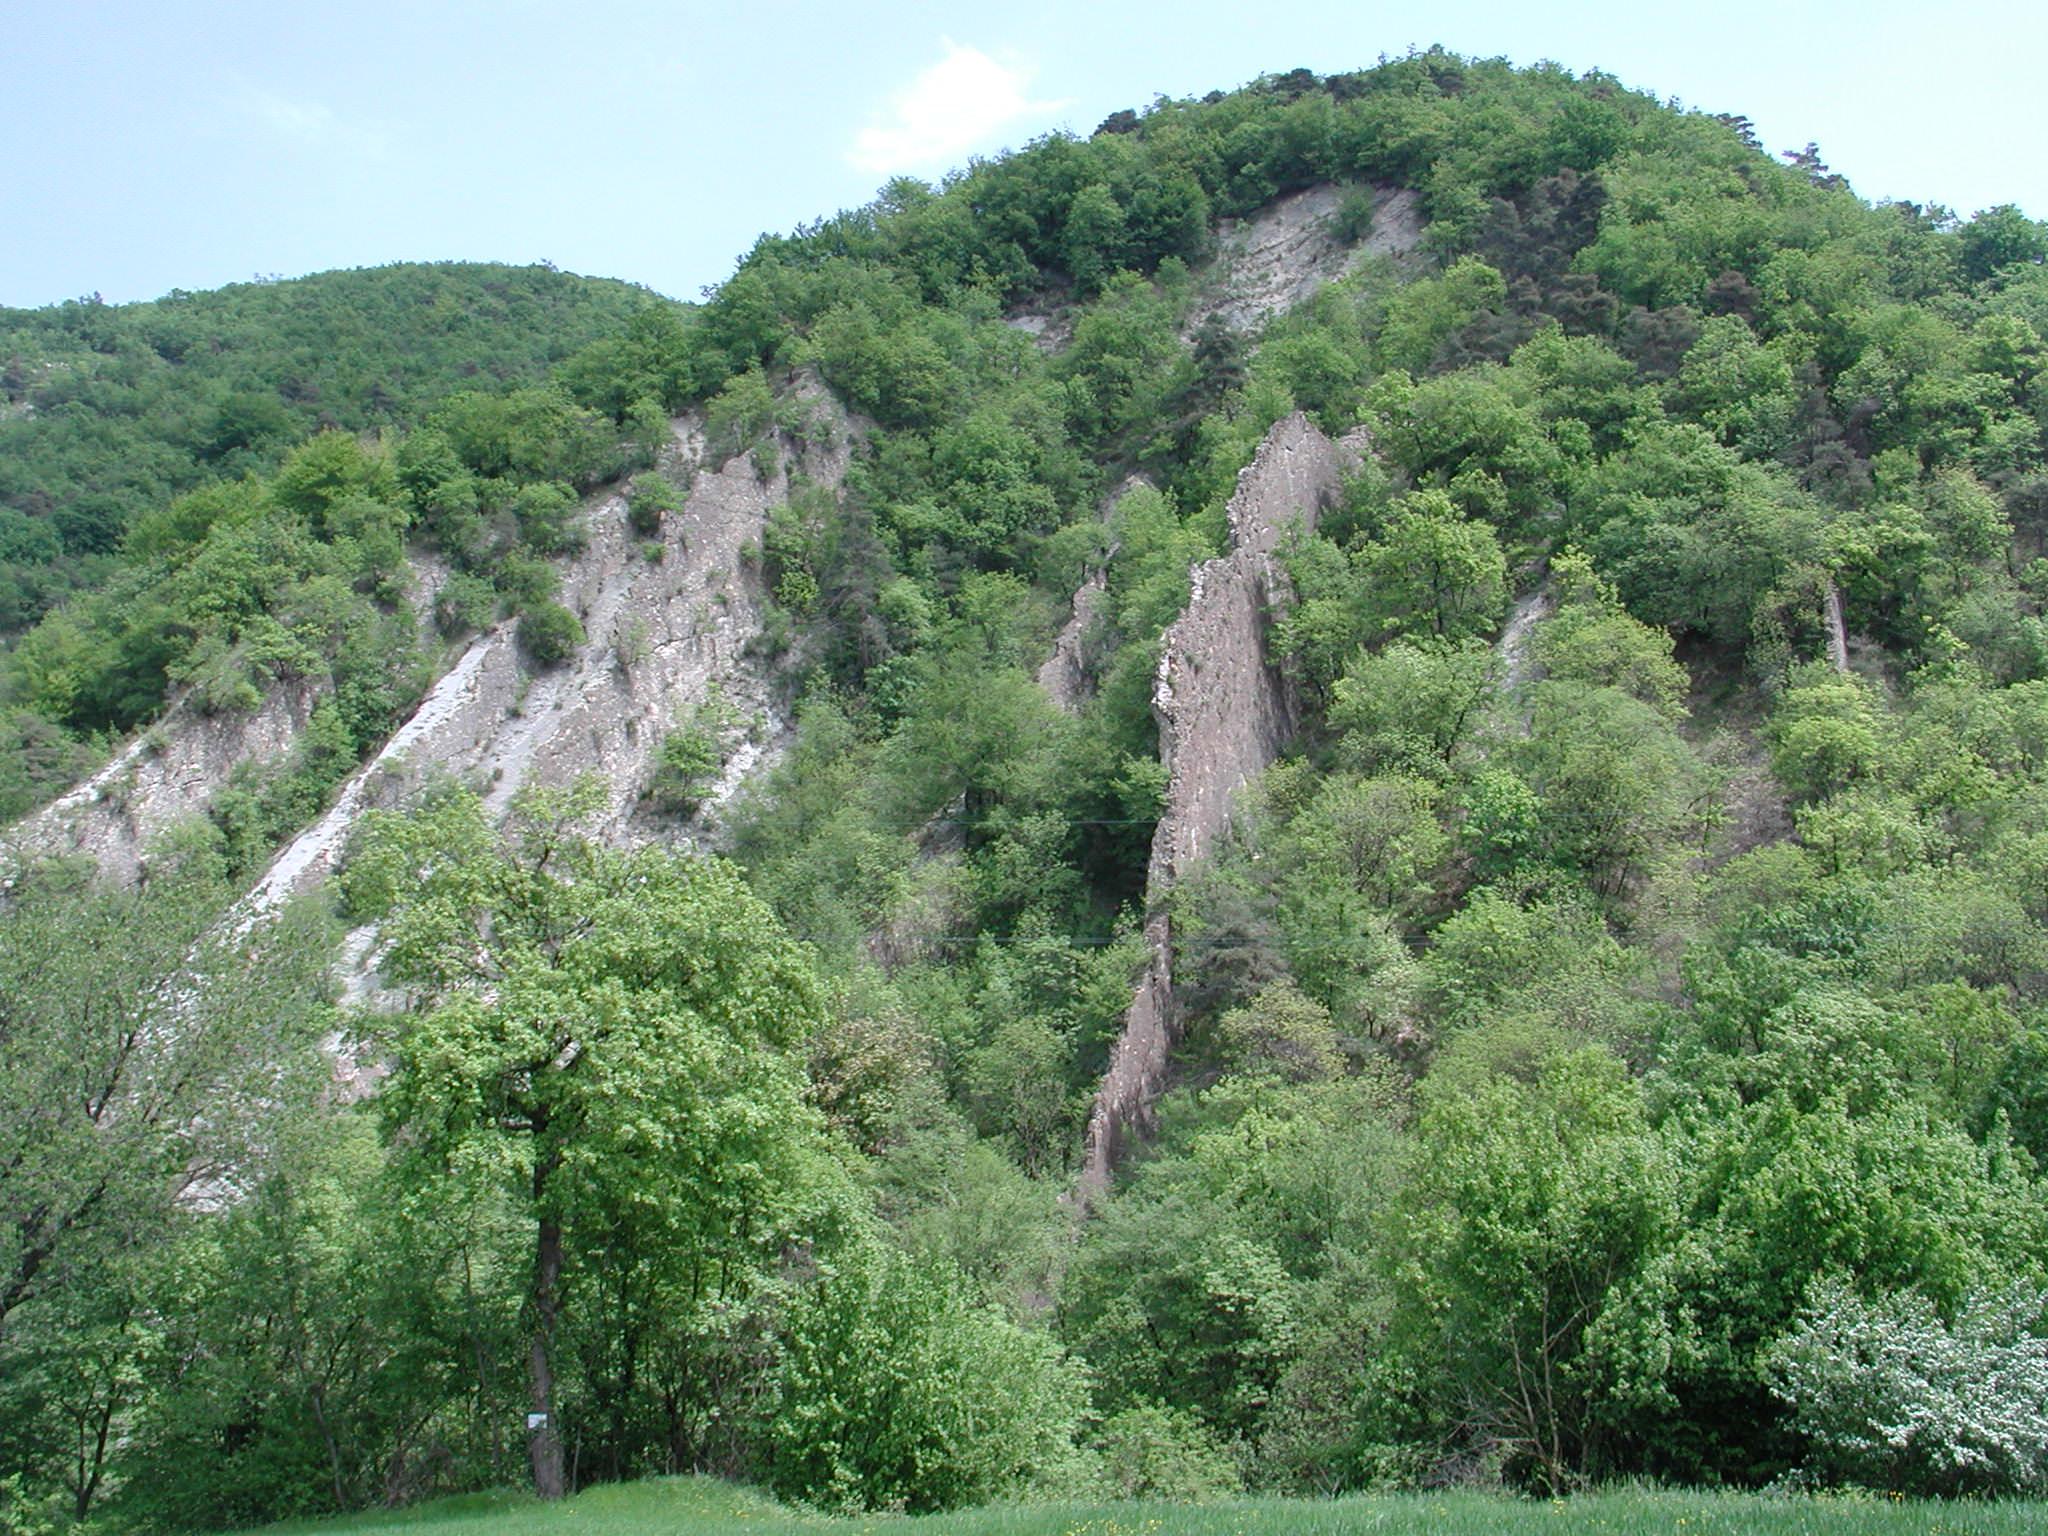 Rischio idro-geologico: le preoccupazioni nella collina di Vampolieri